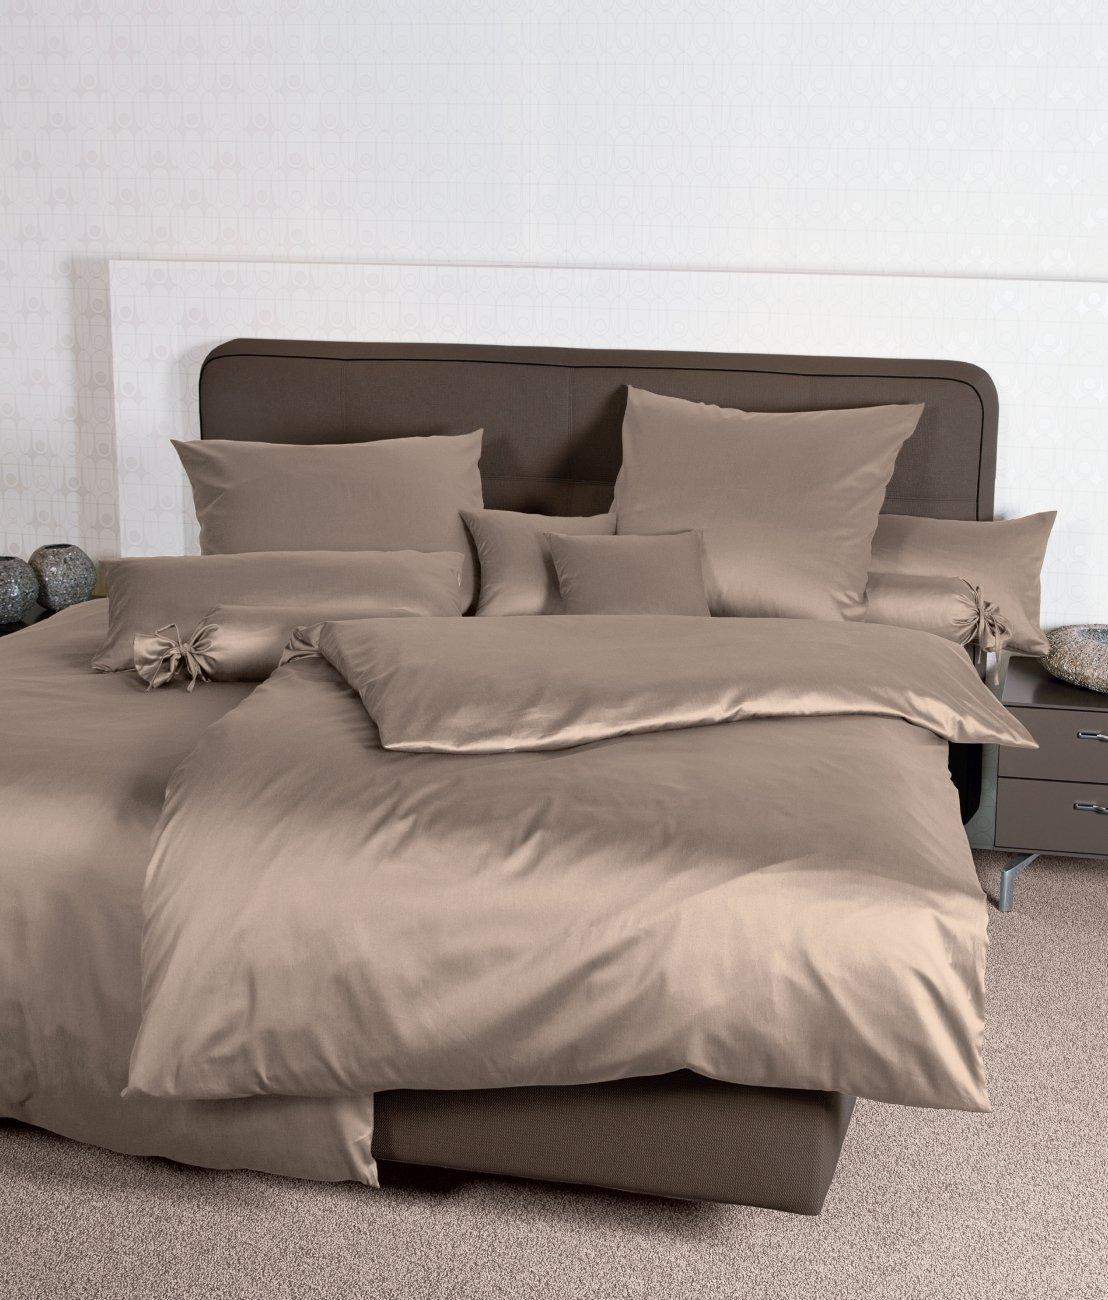 mako satin bettw sche 135x200 reduziert hochwertige. Black Bedroom Furniture Sets. Home Design Ideas